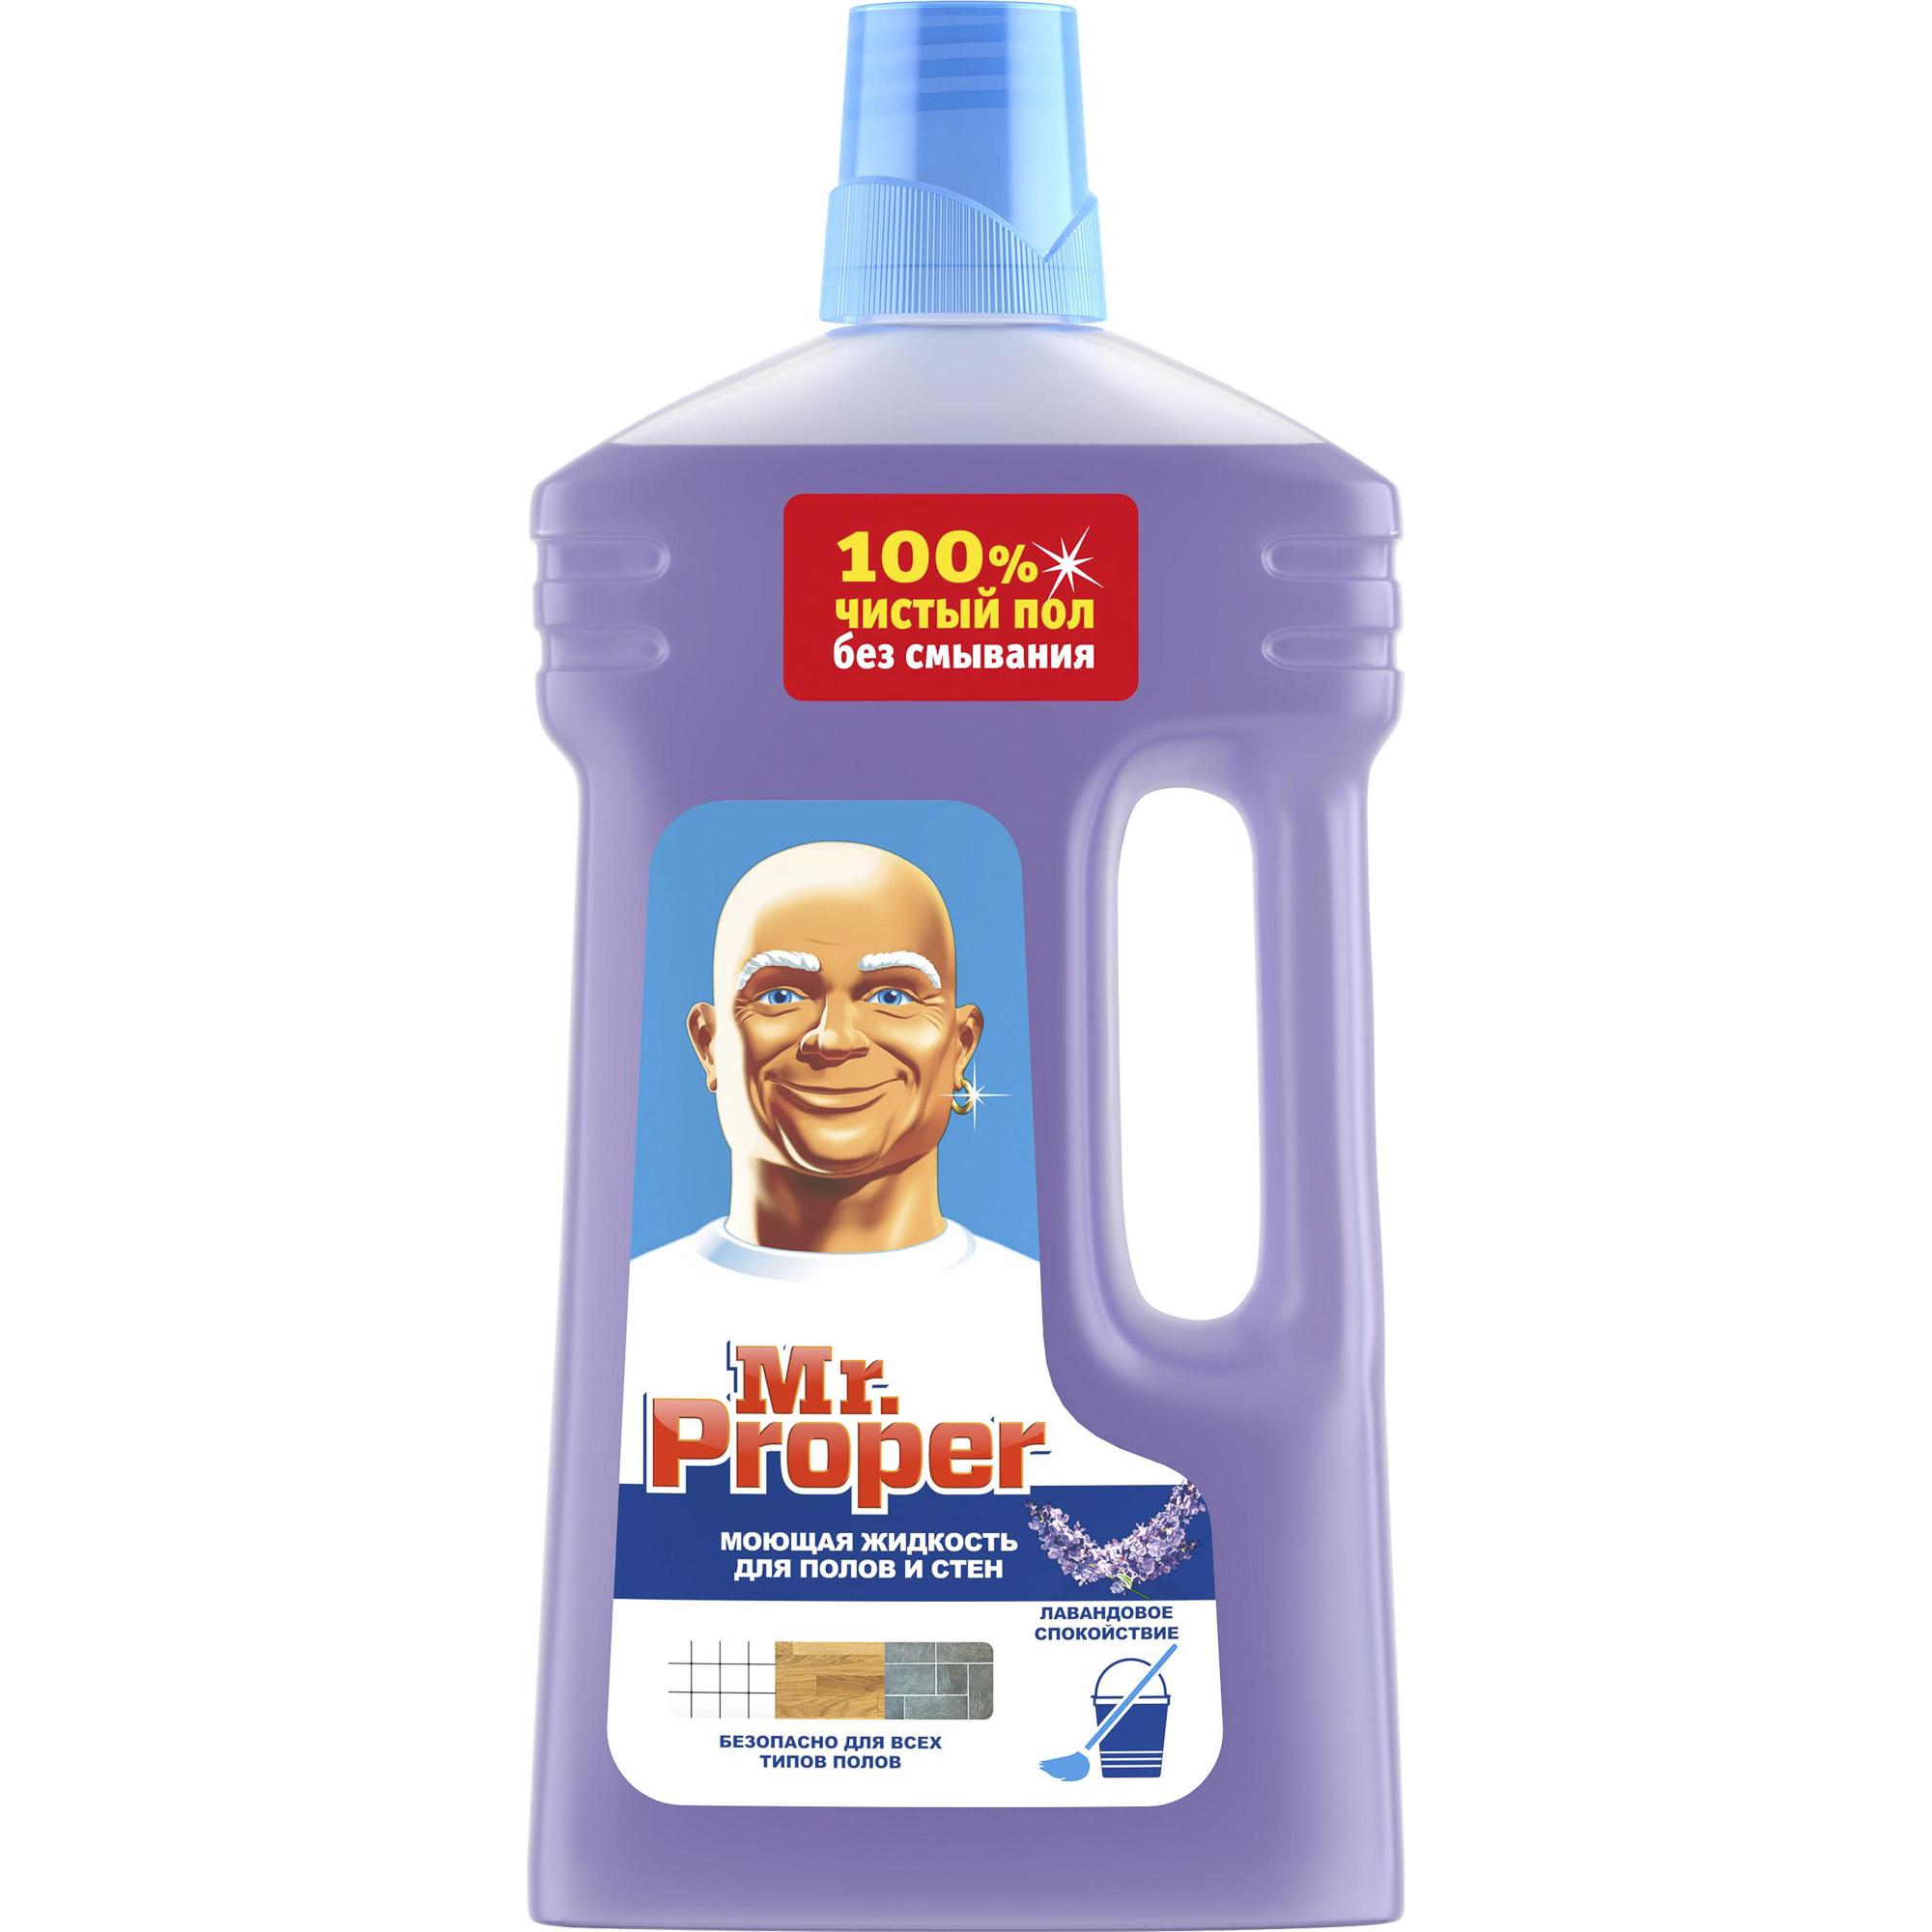 Купить Средство для мытья полов и стен Mr. Proper Лавандовое спокойствие 1 л, моющее средство, Россия